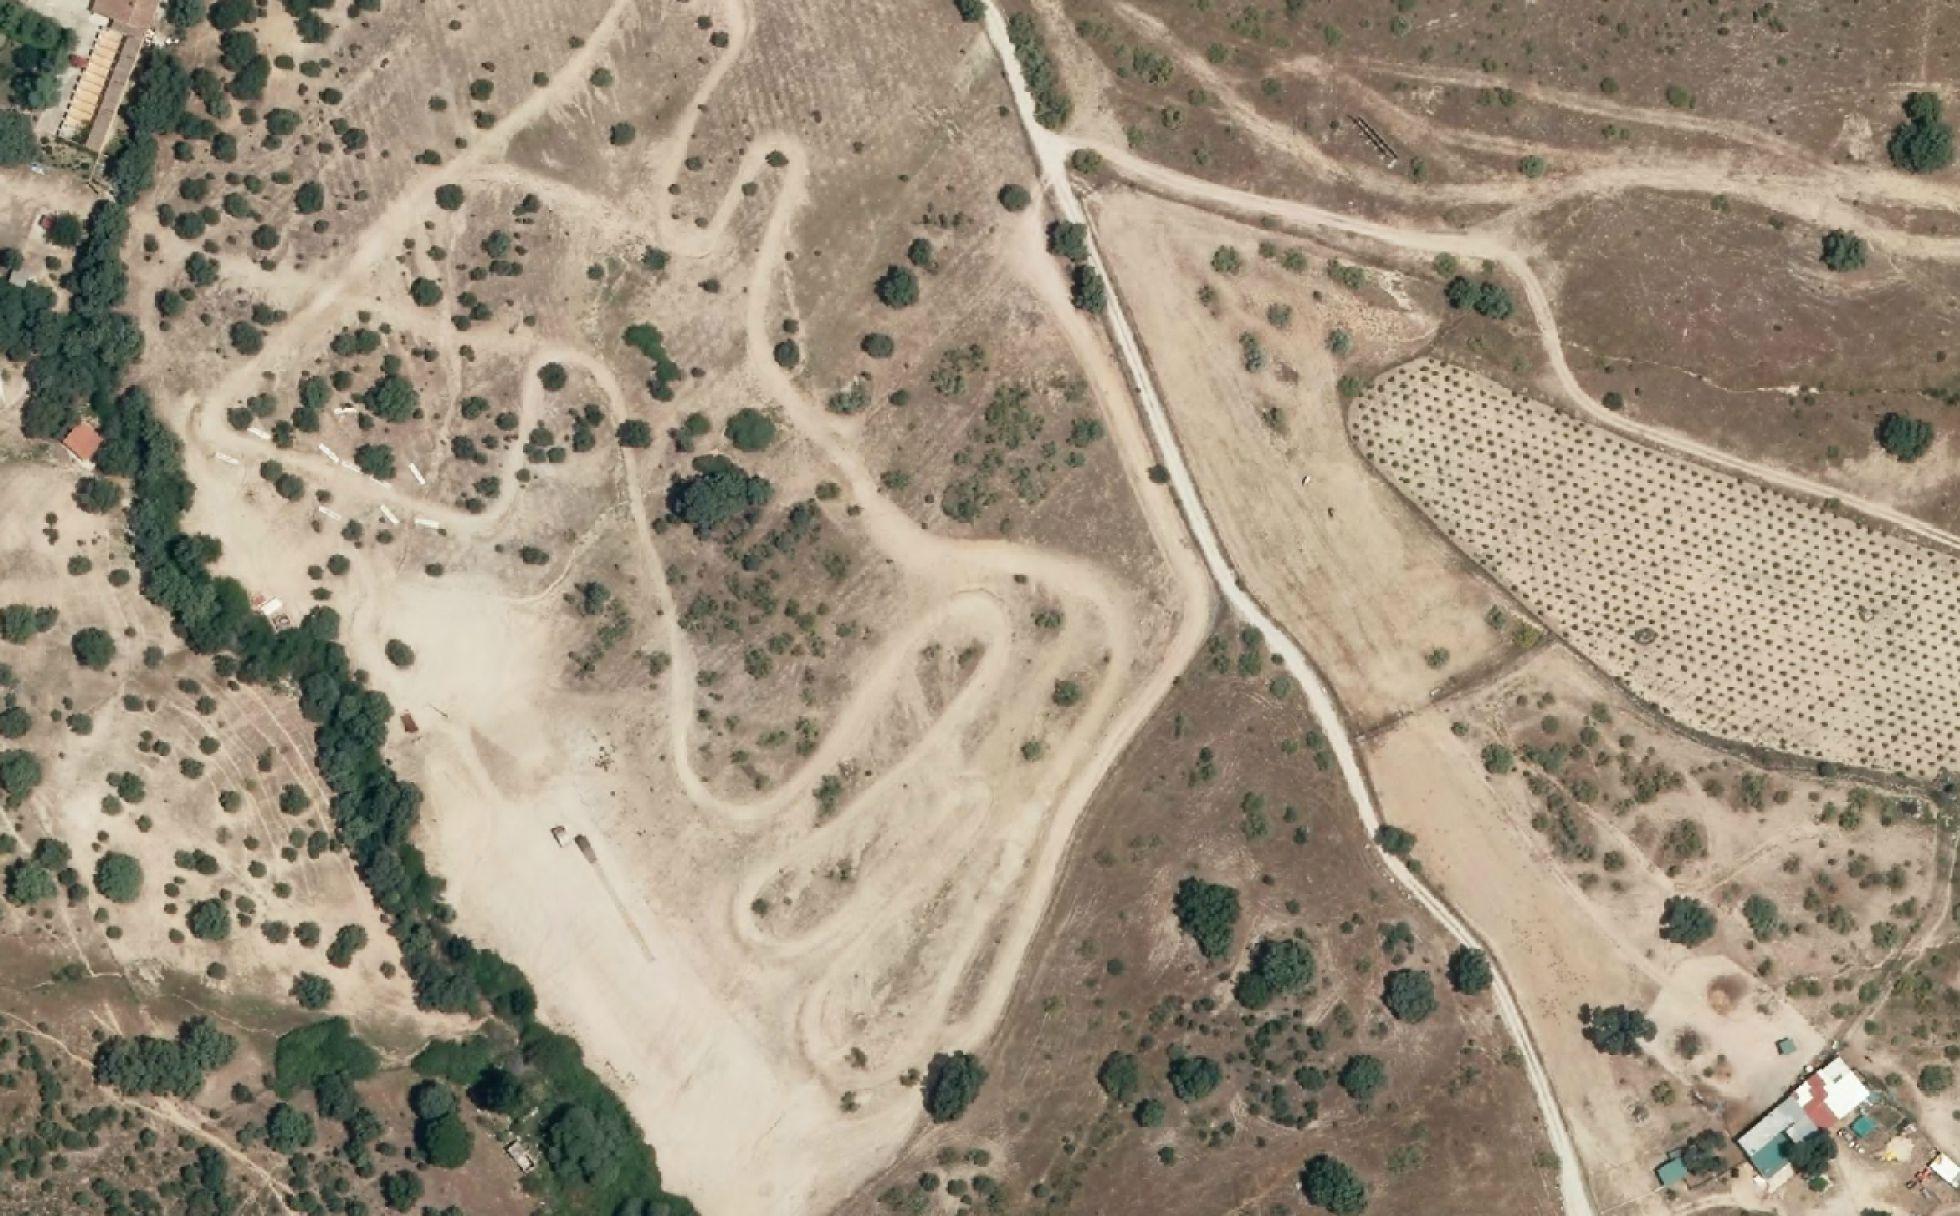 Cuatro años de cárcel por una pista de motocross en una finca protegida 1455305185_006920_1455398585_noticia_normal_recorte1